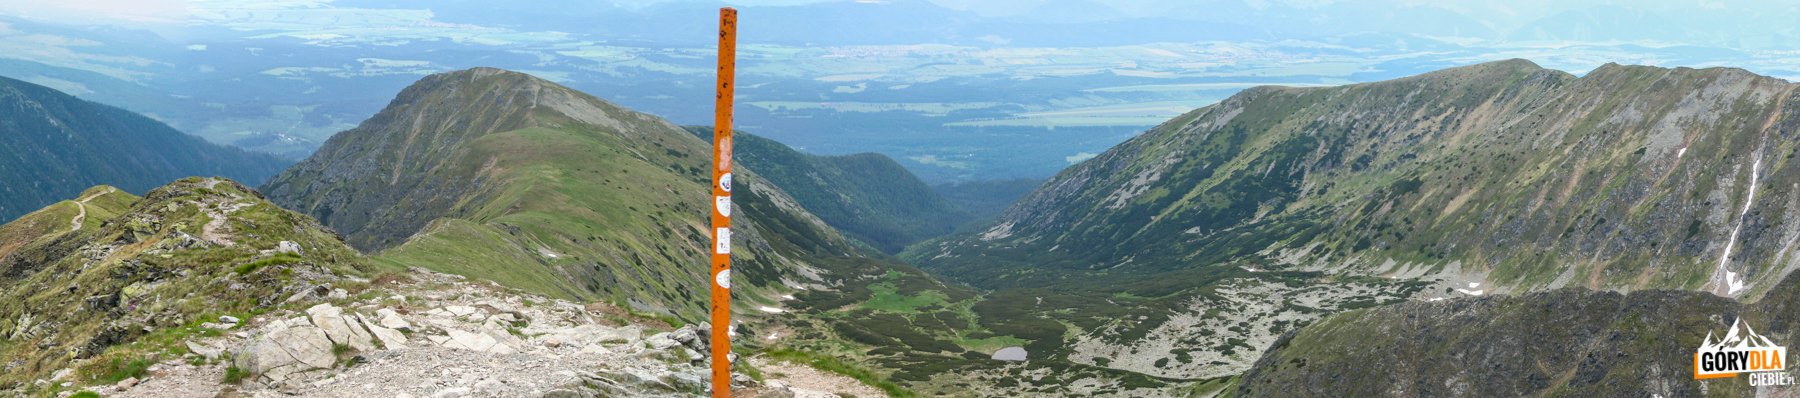 Widok z Bystrej (2248 m) na Dolinę Bystrą